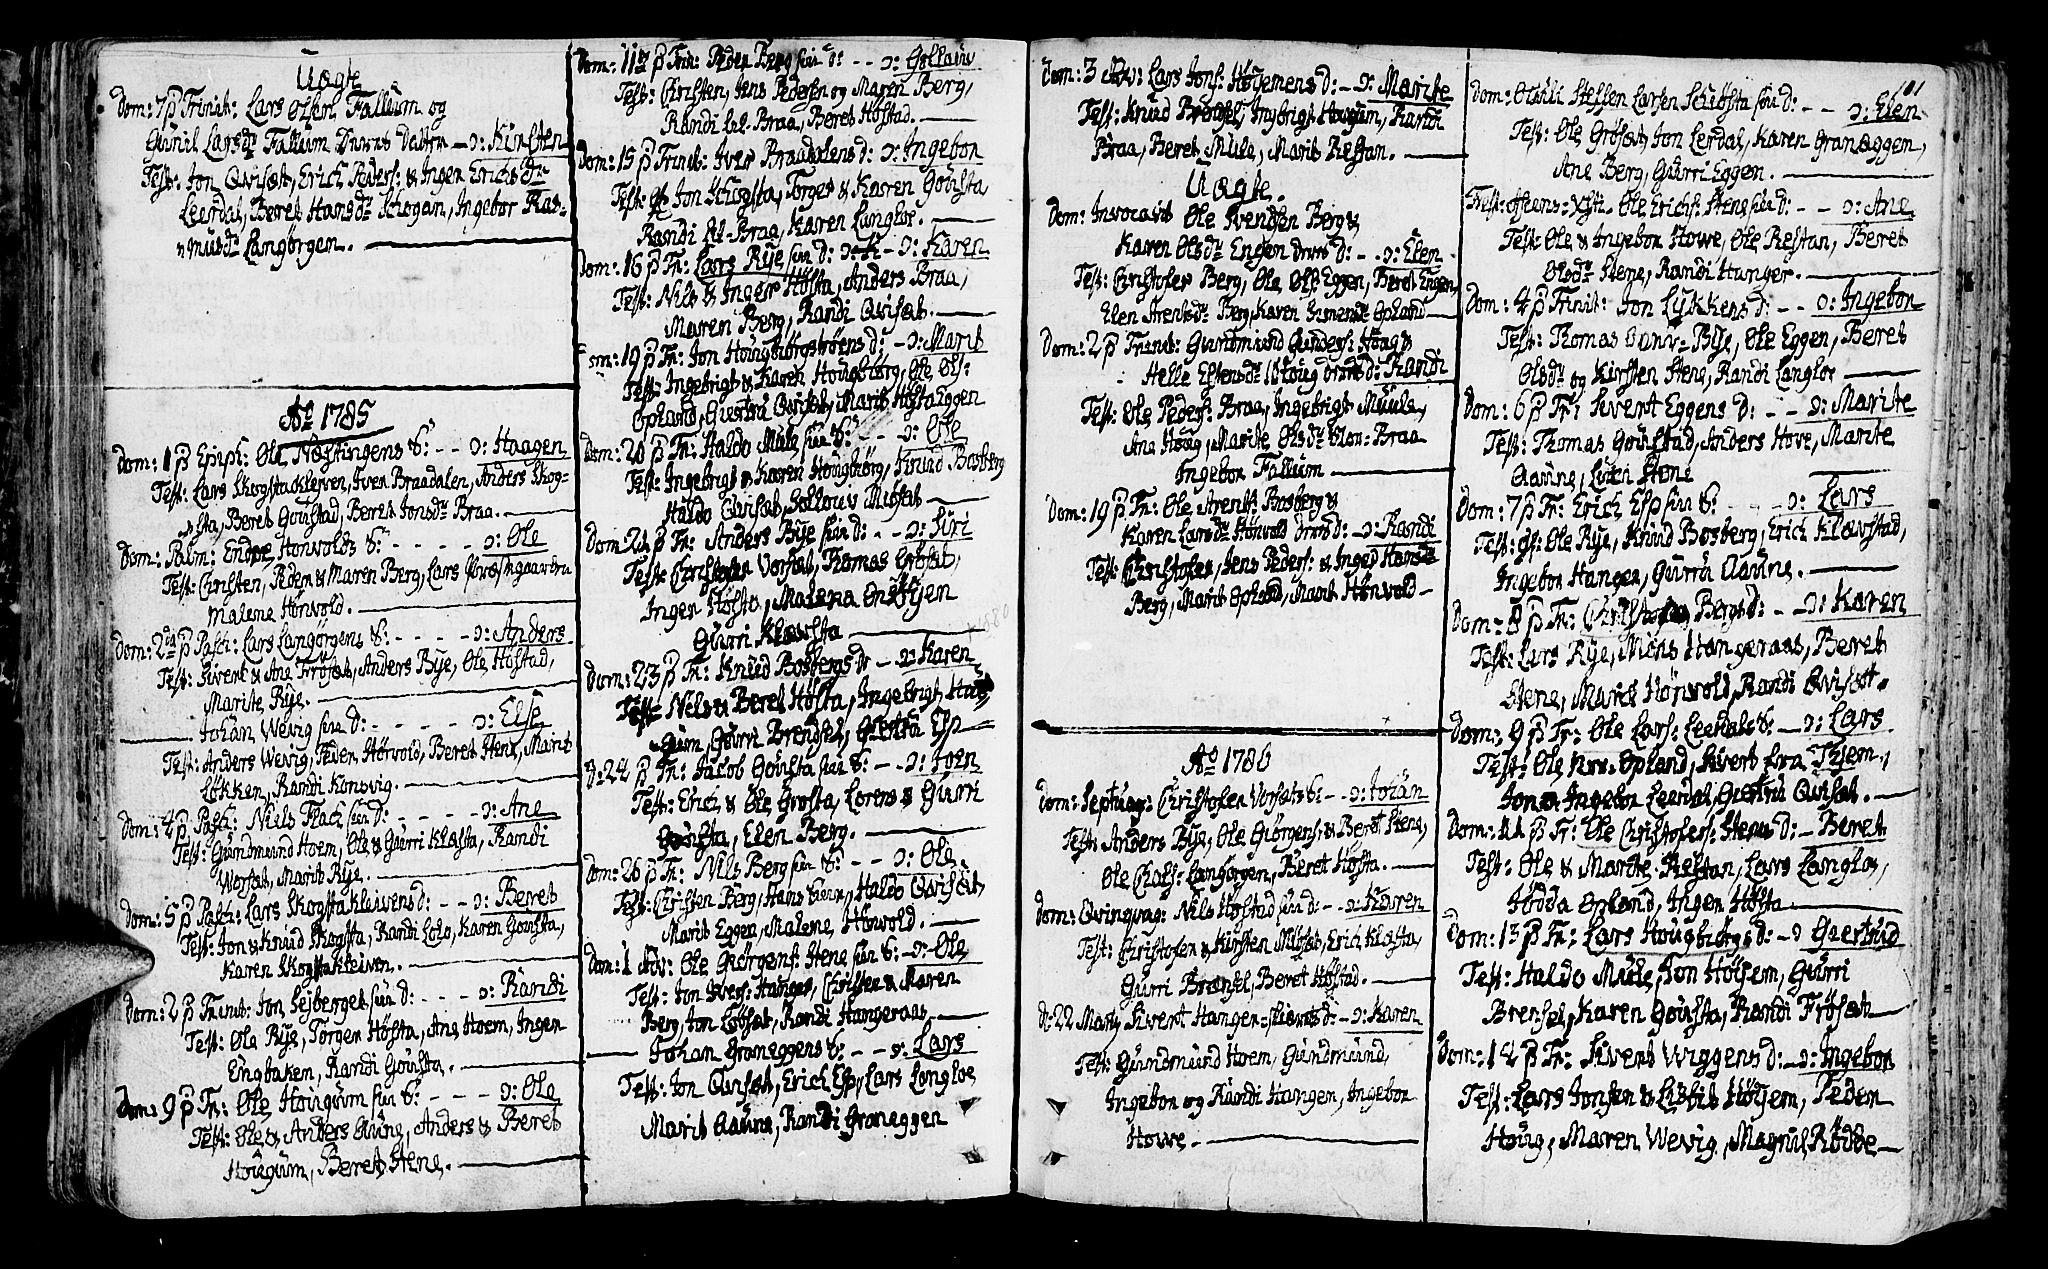 SAT, Ministerialprotokoller, klokkerbøker og fødselsregistre - Sør-Trøndelag, 612/L0370: Ministerialbok nr. 612A04, 1754-1802, s. 111